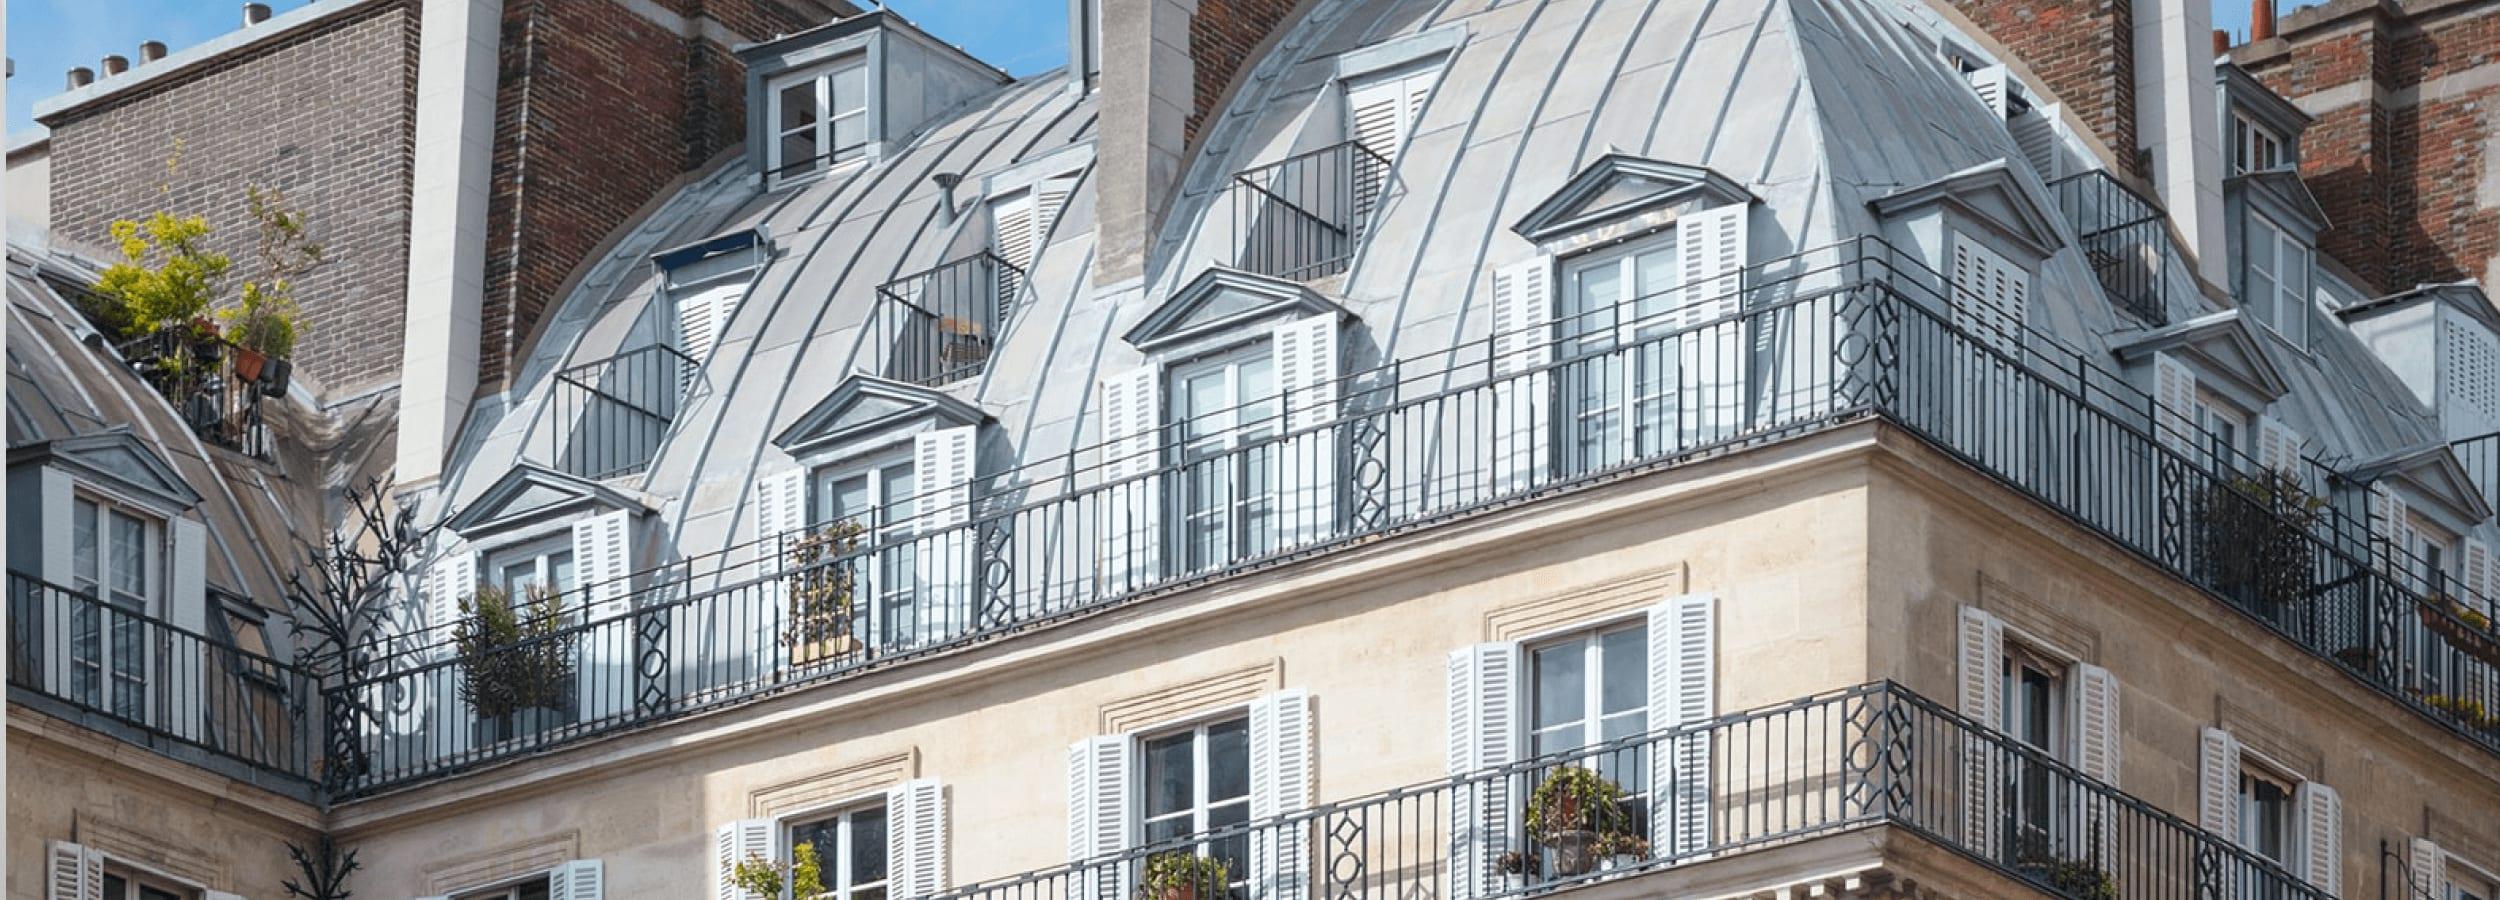 La domiciliation d'entreprise à Paris permet de bénéficier d'adresses de siège social prestigieuses.